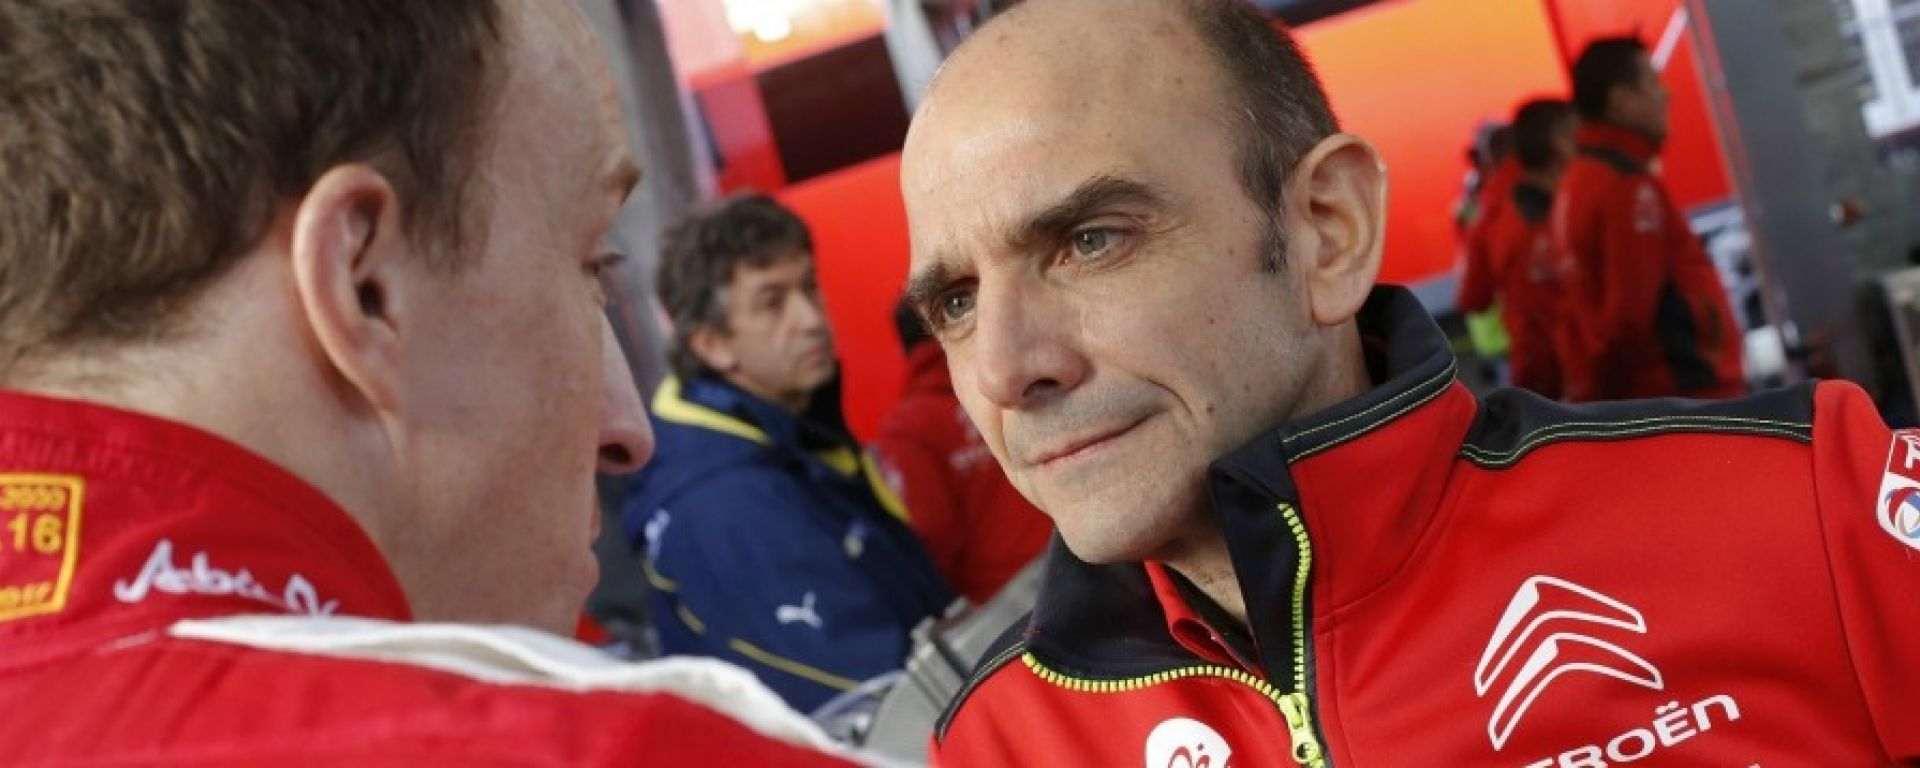 Citroen Racing: ancora nel WRC fino al 2020